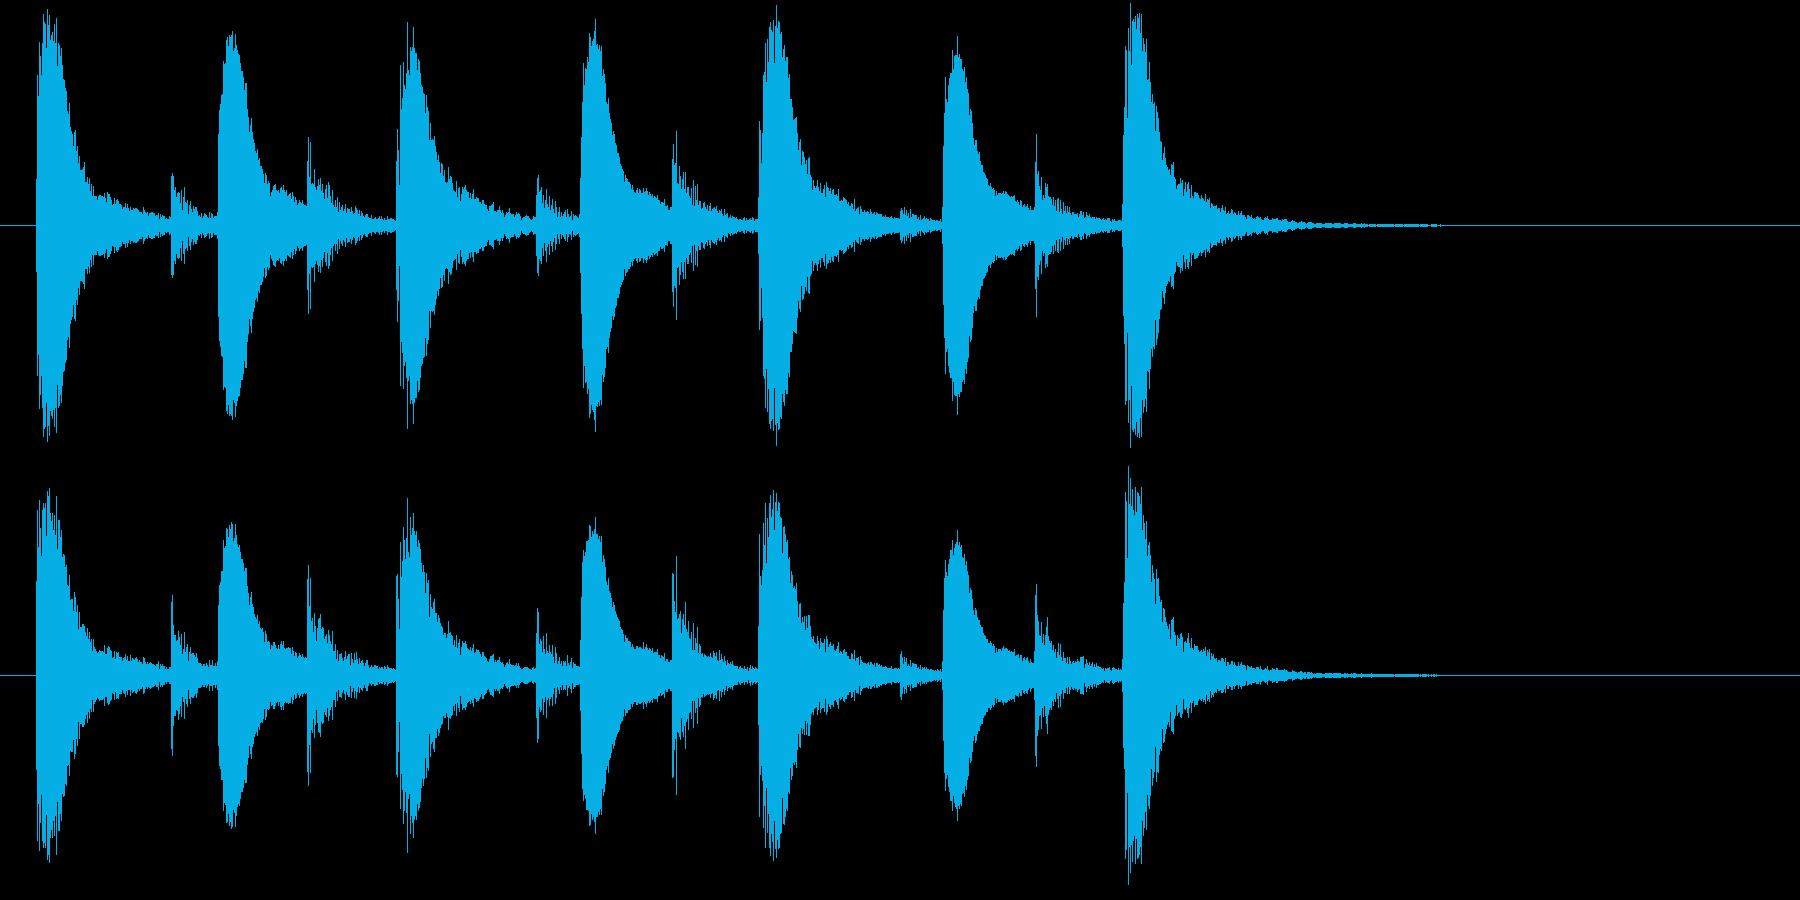 インド桶太鼓Dhol(ドール)フレーズ音の再生済みの波形